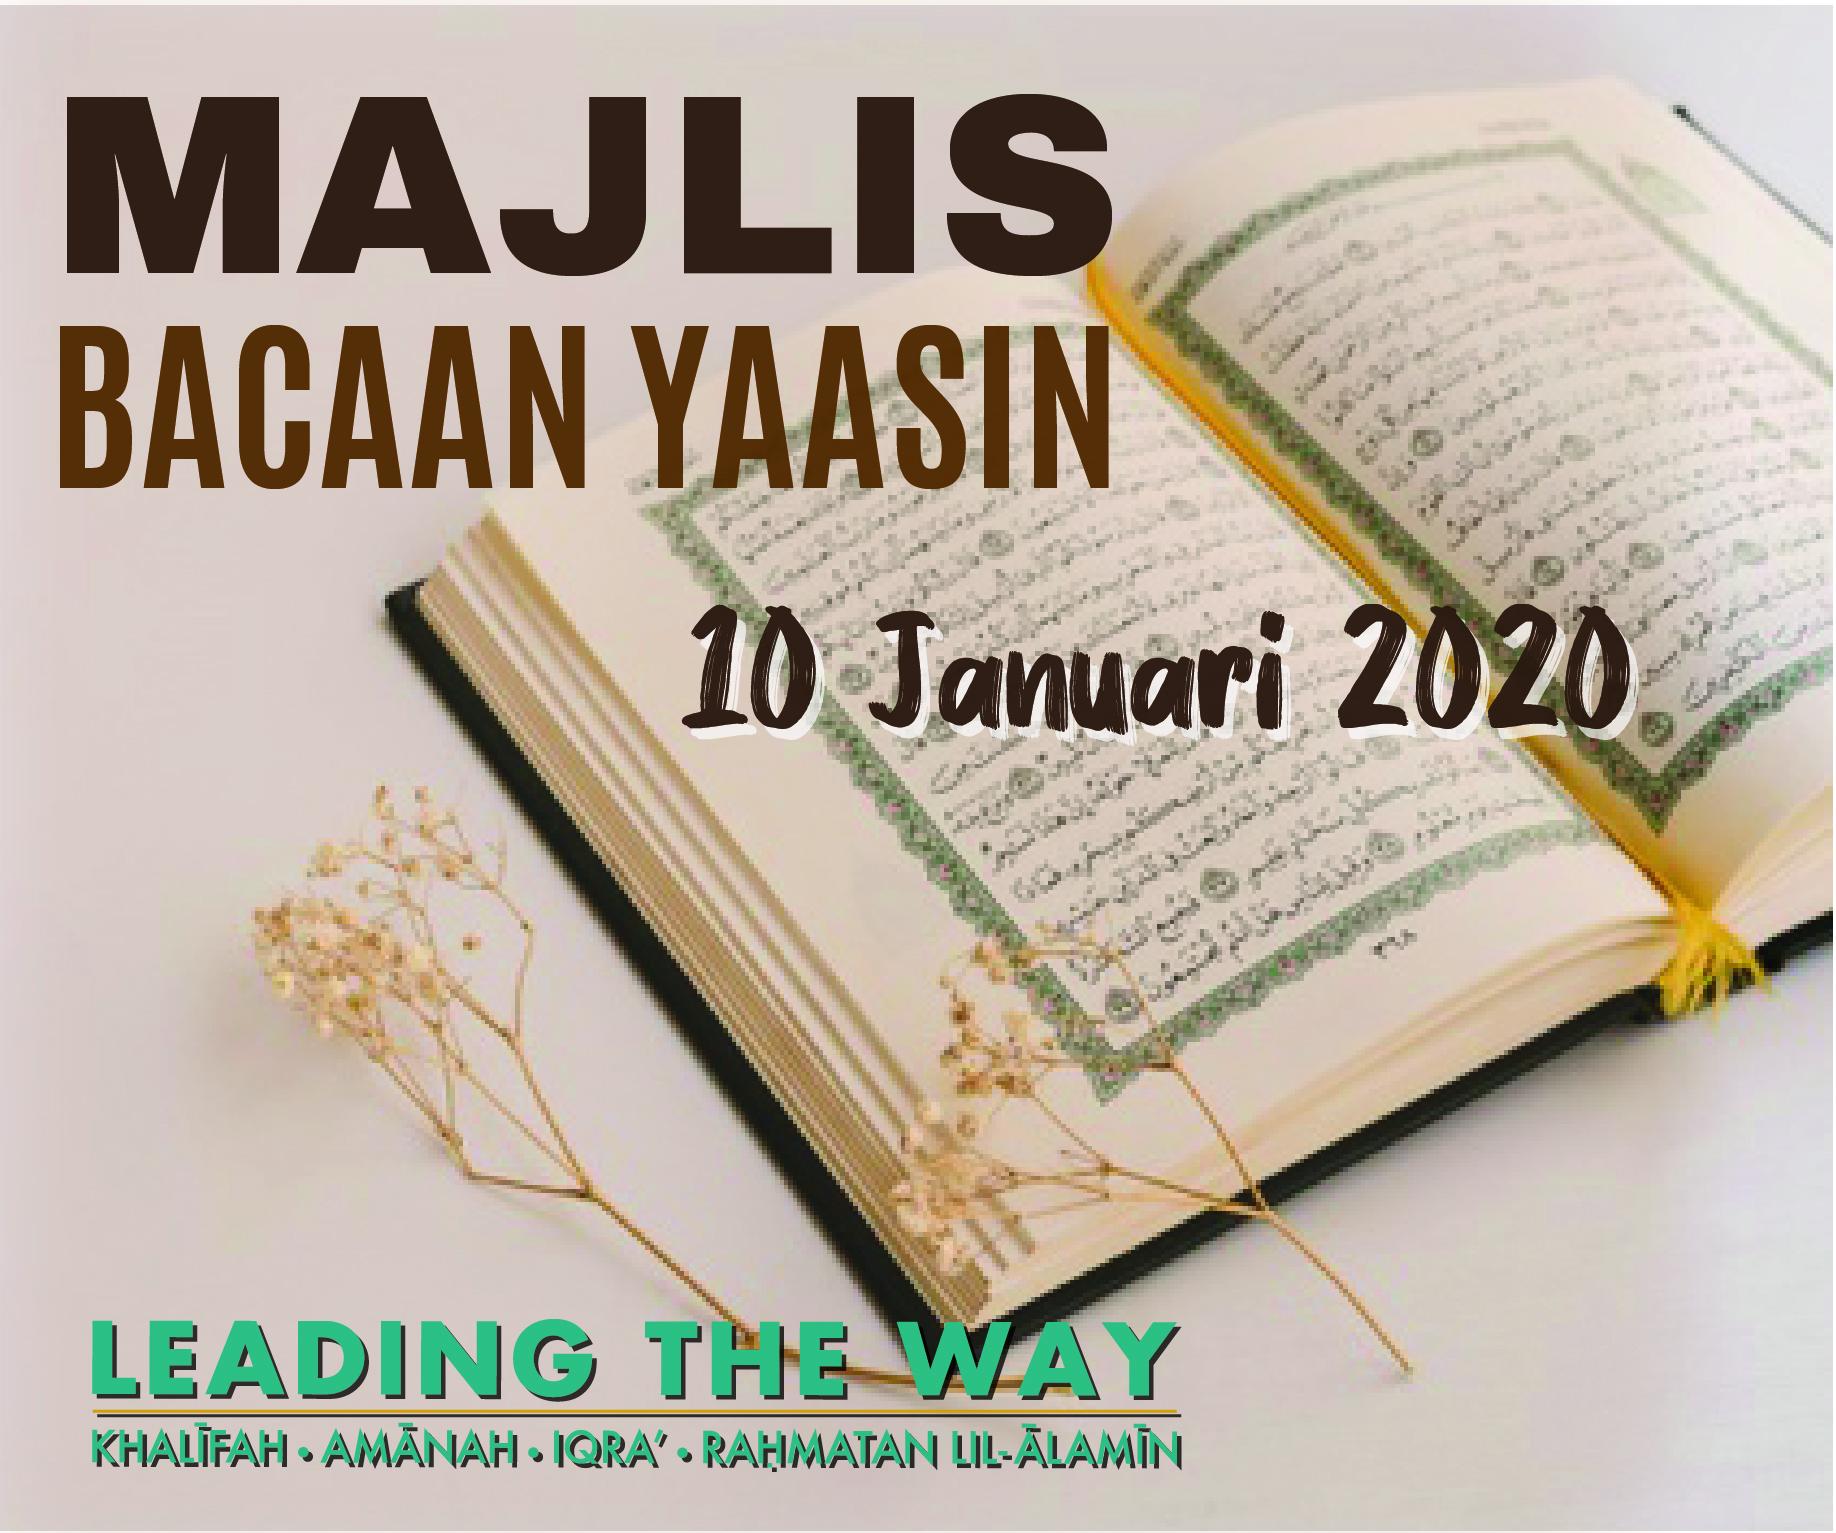 Majlis Bacaan Yaasin - Januari 2020